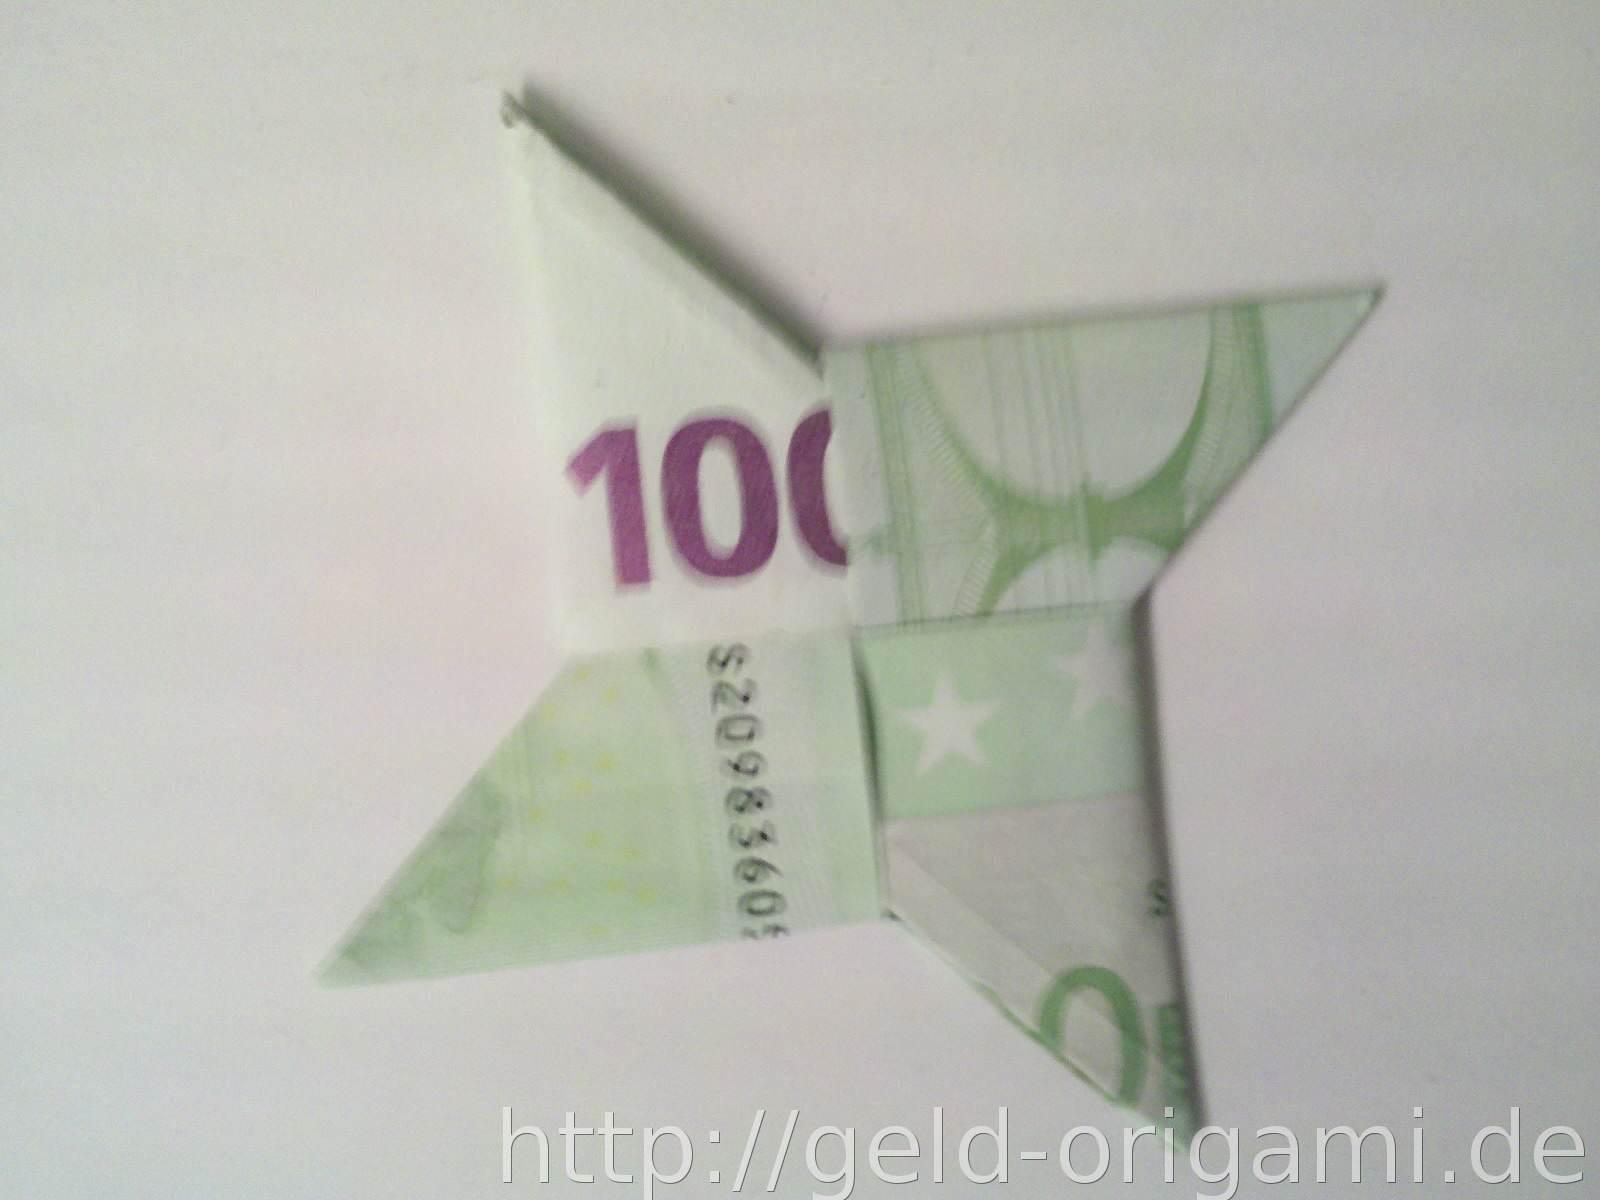 Geld Origami Anleitung Bã¼cher Falten Buchstaben Anleitung